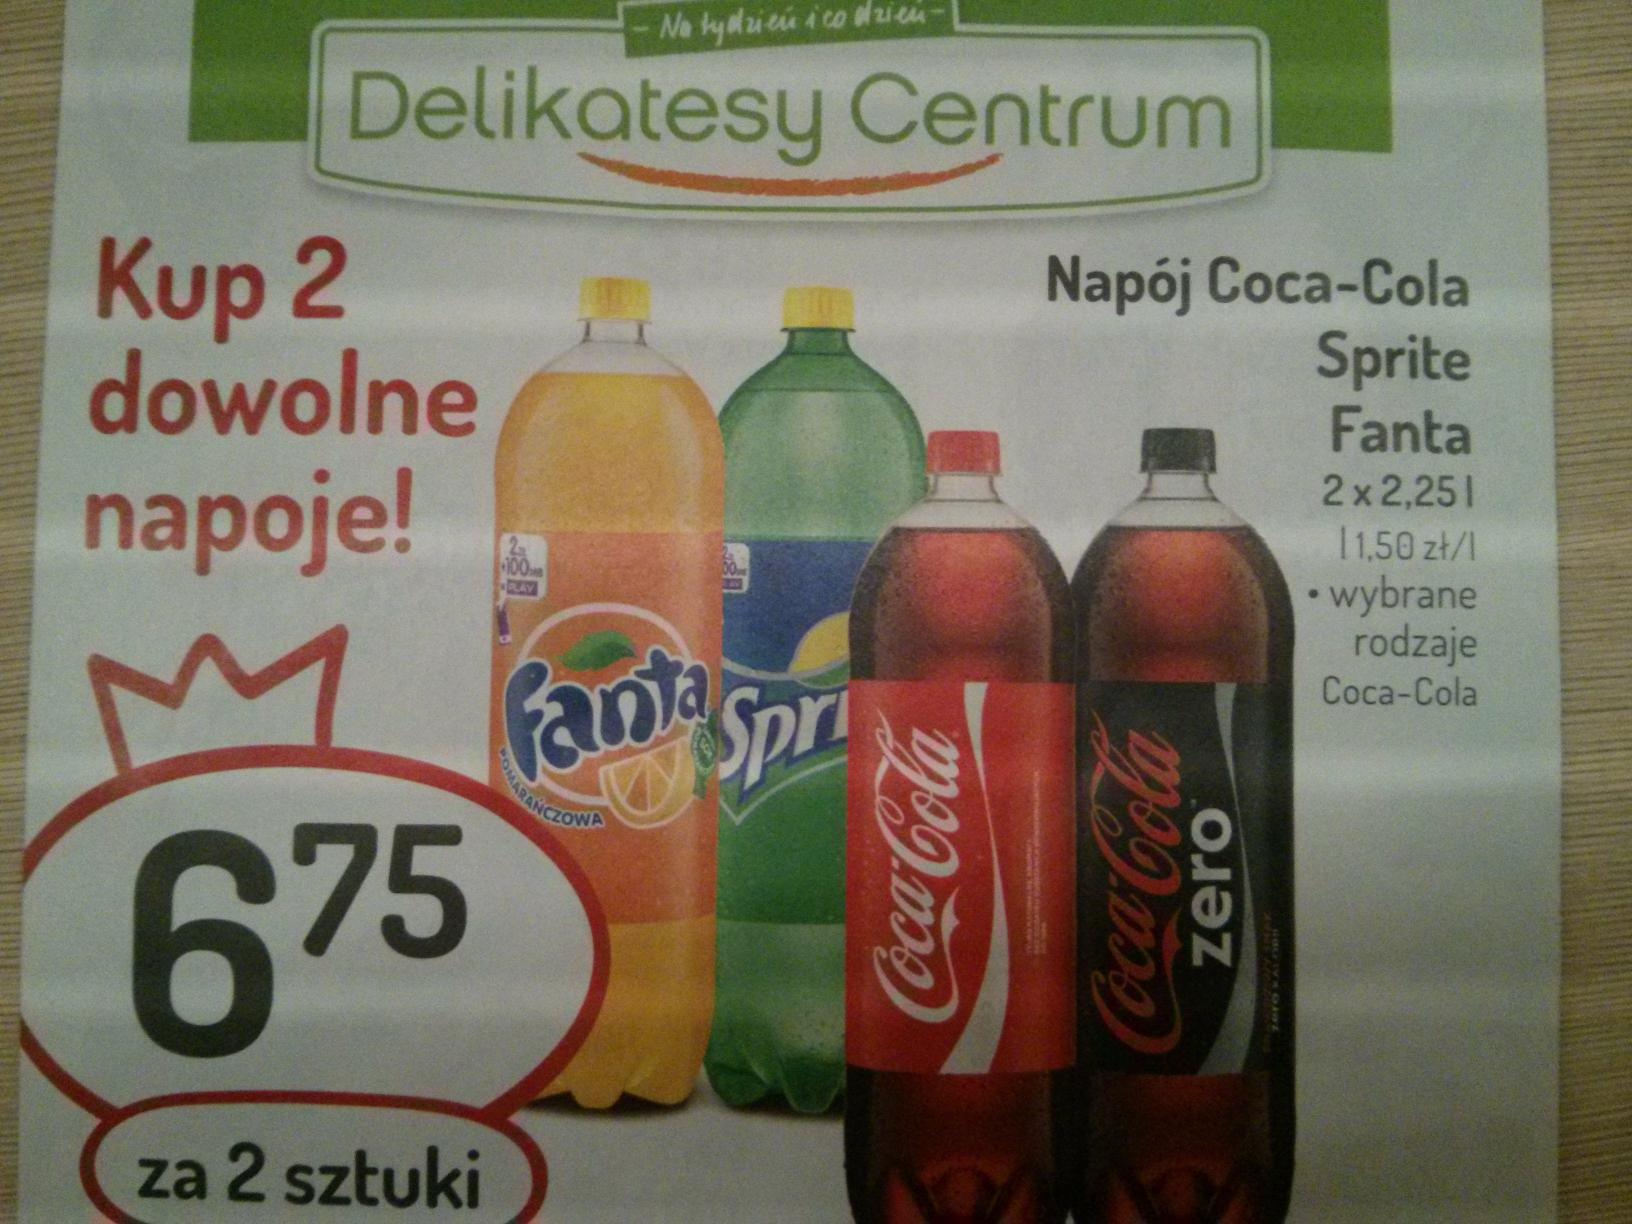 2x2,25l Coca-Cola, Fanta, Sprite @ Delikatesy Centrum